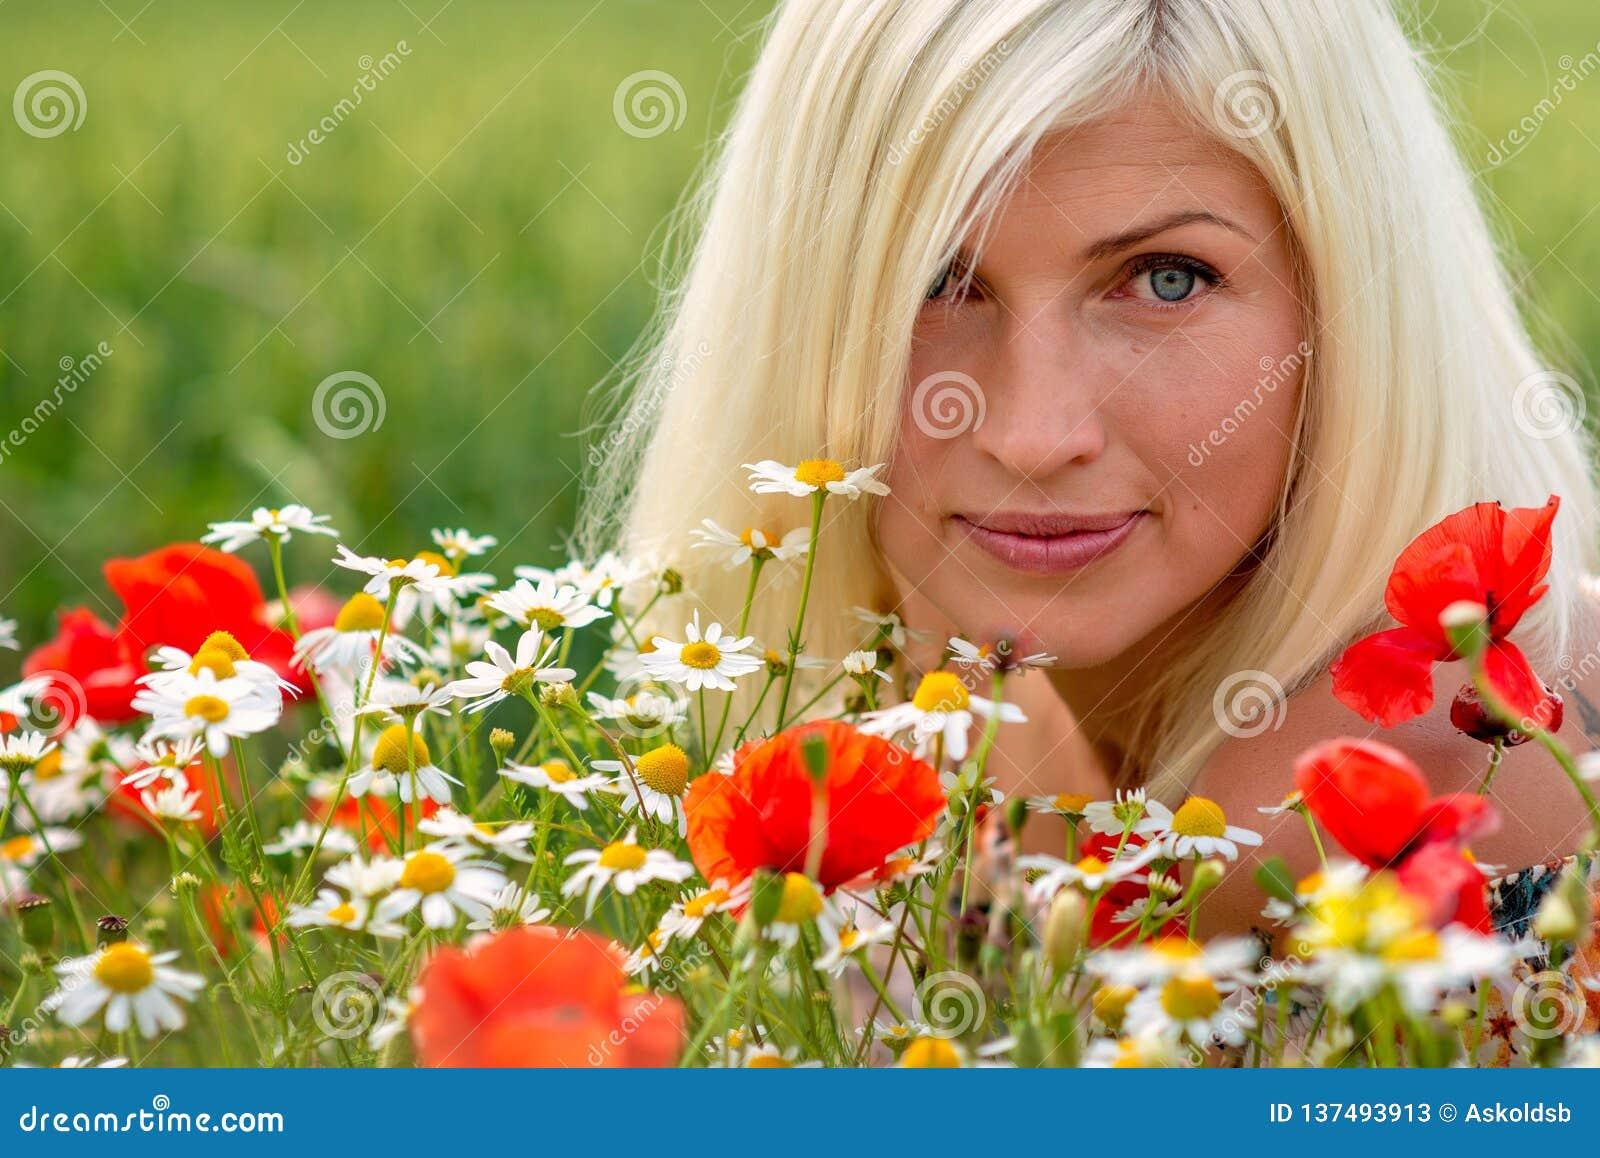 Bello, ritratto attraente e biondo della donna con i fiori del prato Fuoco molle